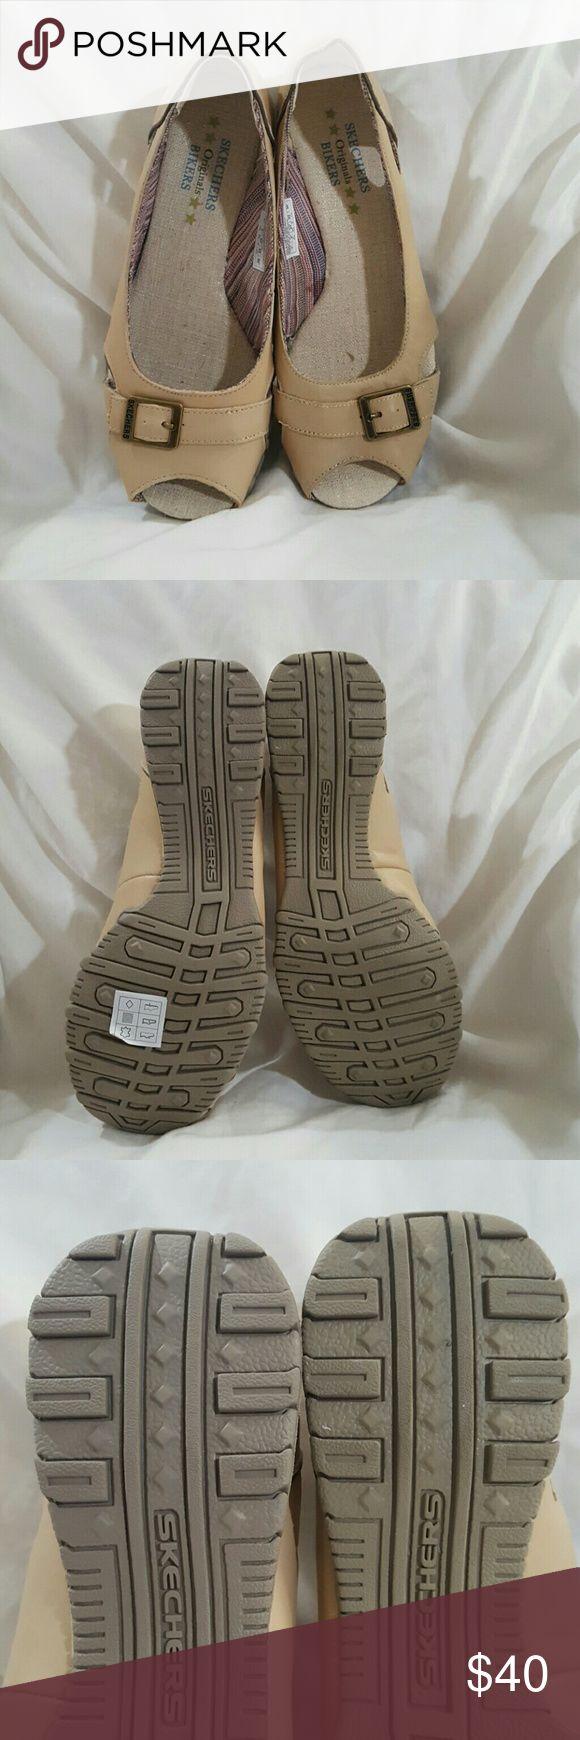 Skechers Bikers Originals tan open-toe flats EUC Color: tan No blemishes  Open toe flats Skechers Shoes Flats & Loafers